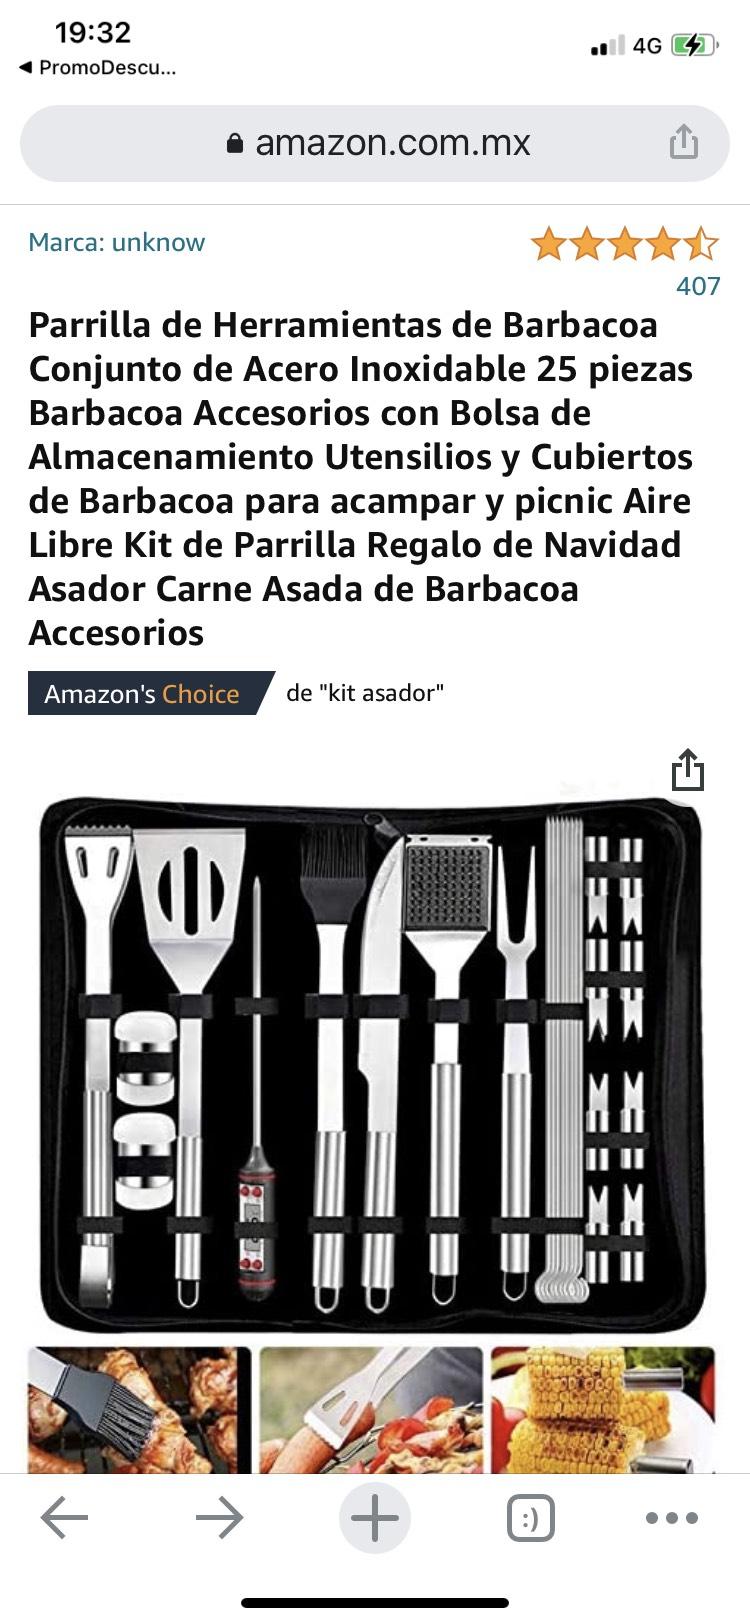 KIT PARRILLERO Pa la Carnita Asada/ AMAZON